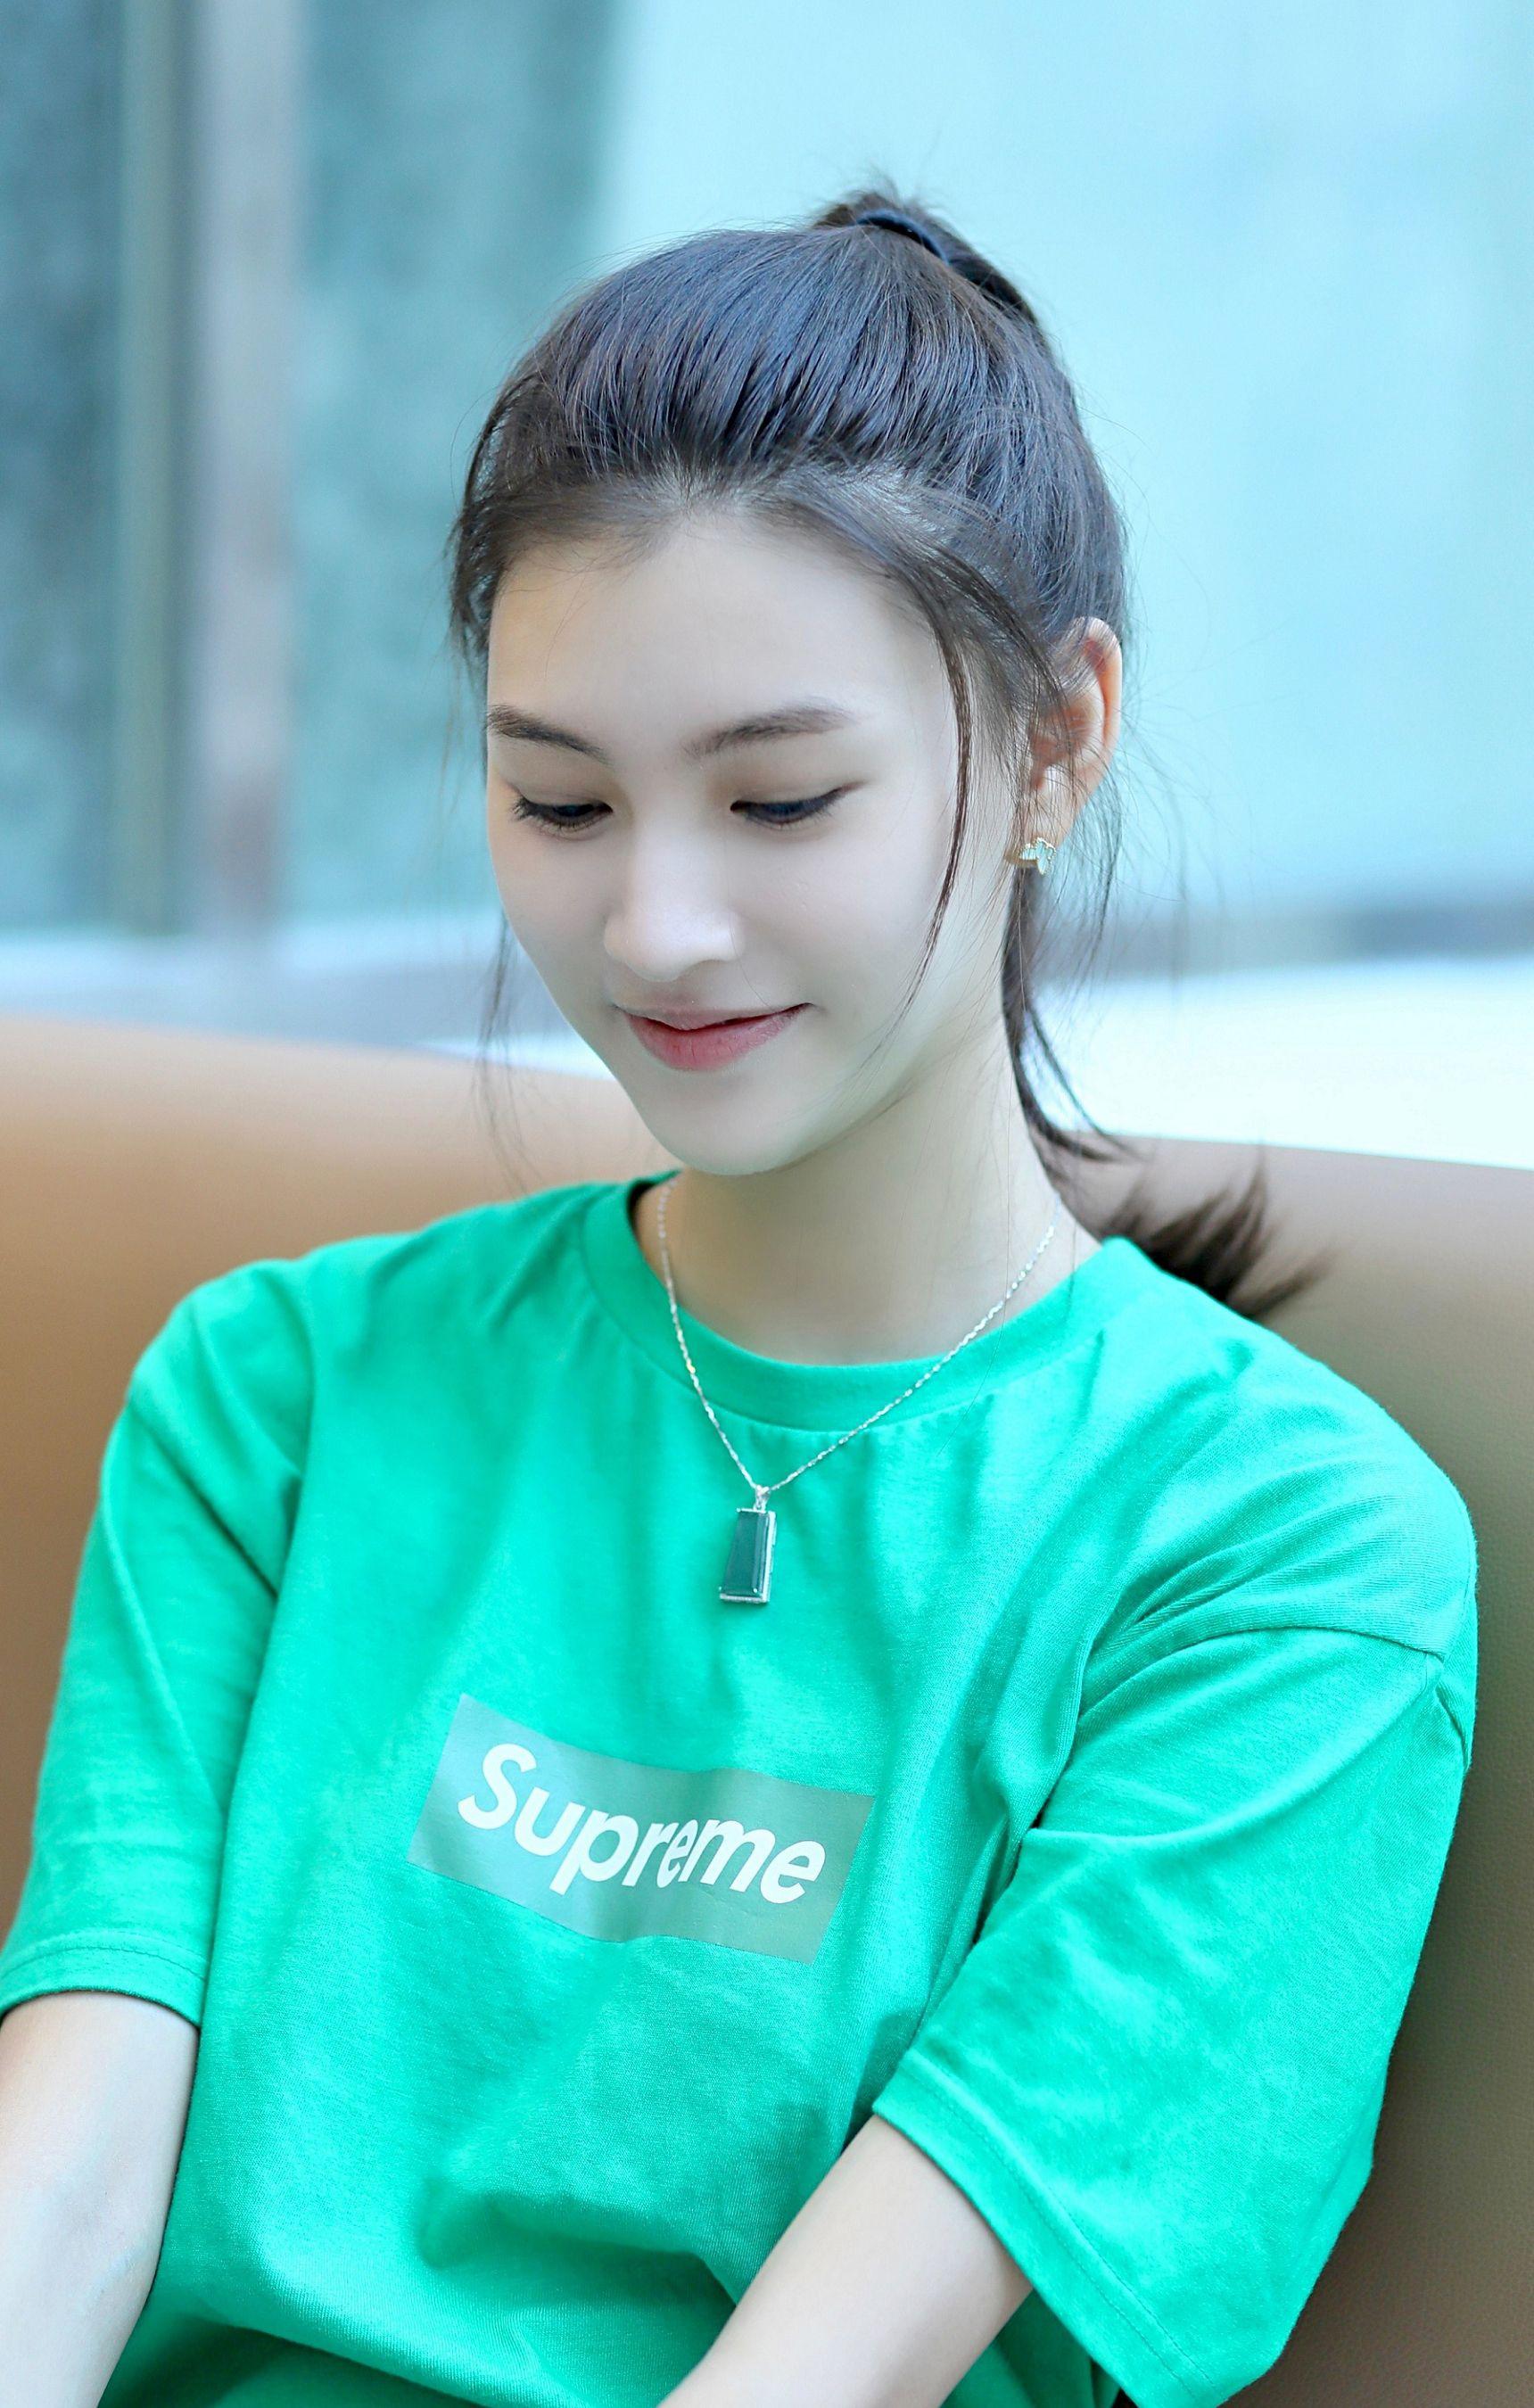 北京电影学院新生张贤静高清手机壁纸 网友们觉得她怎么样喜欢不